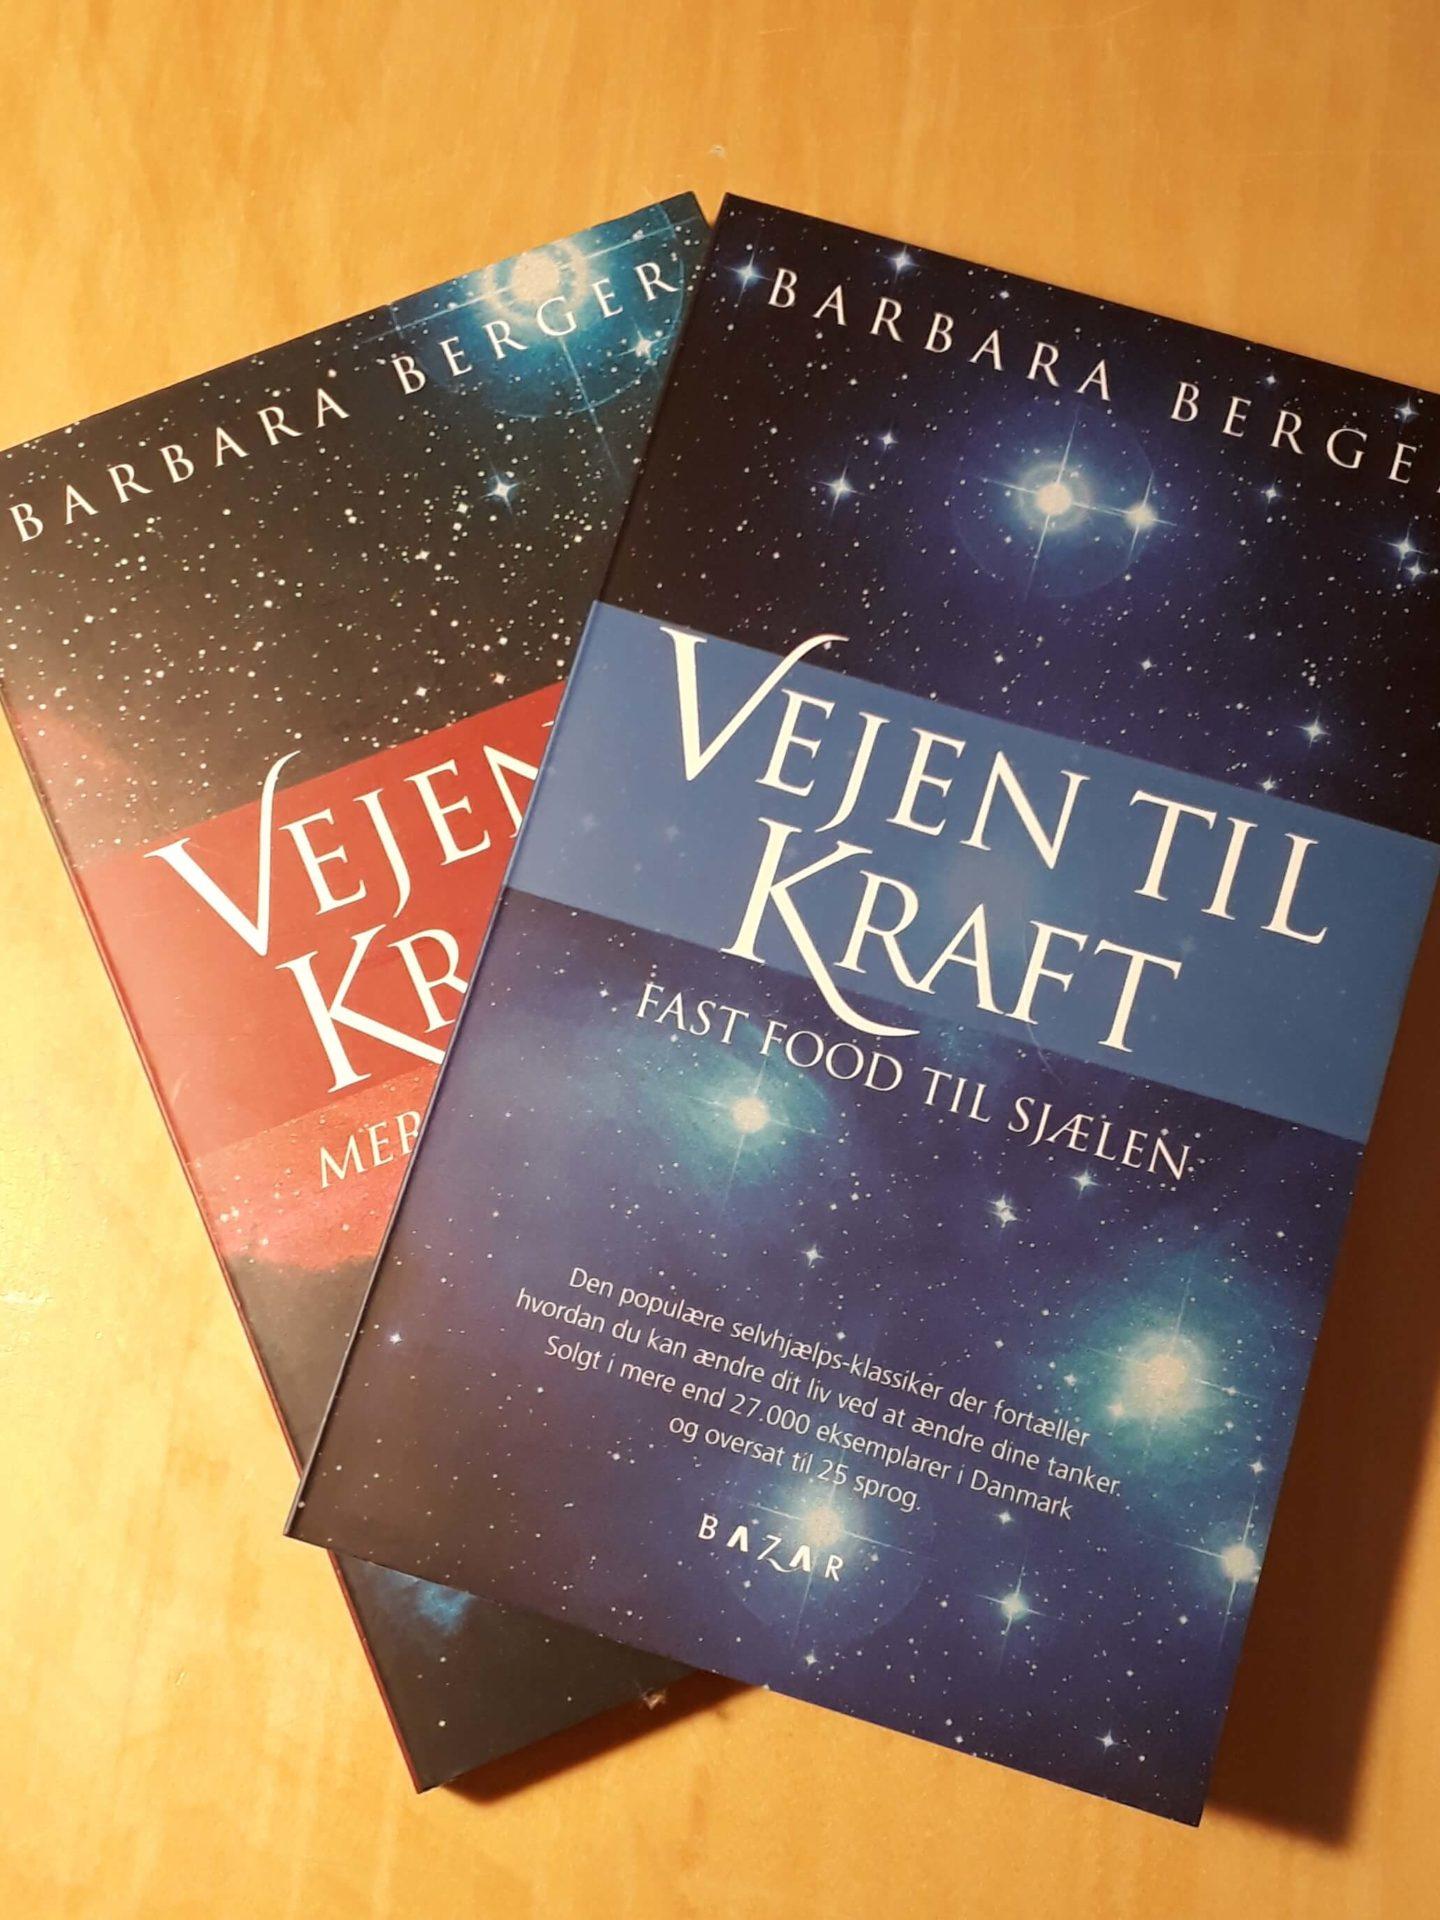 Babara Berger og hendes bøger 'Vejen til kraft'.